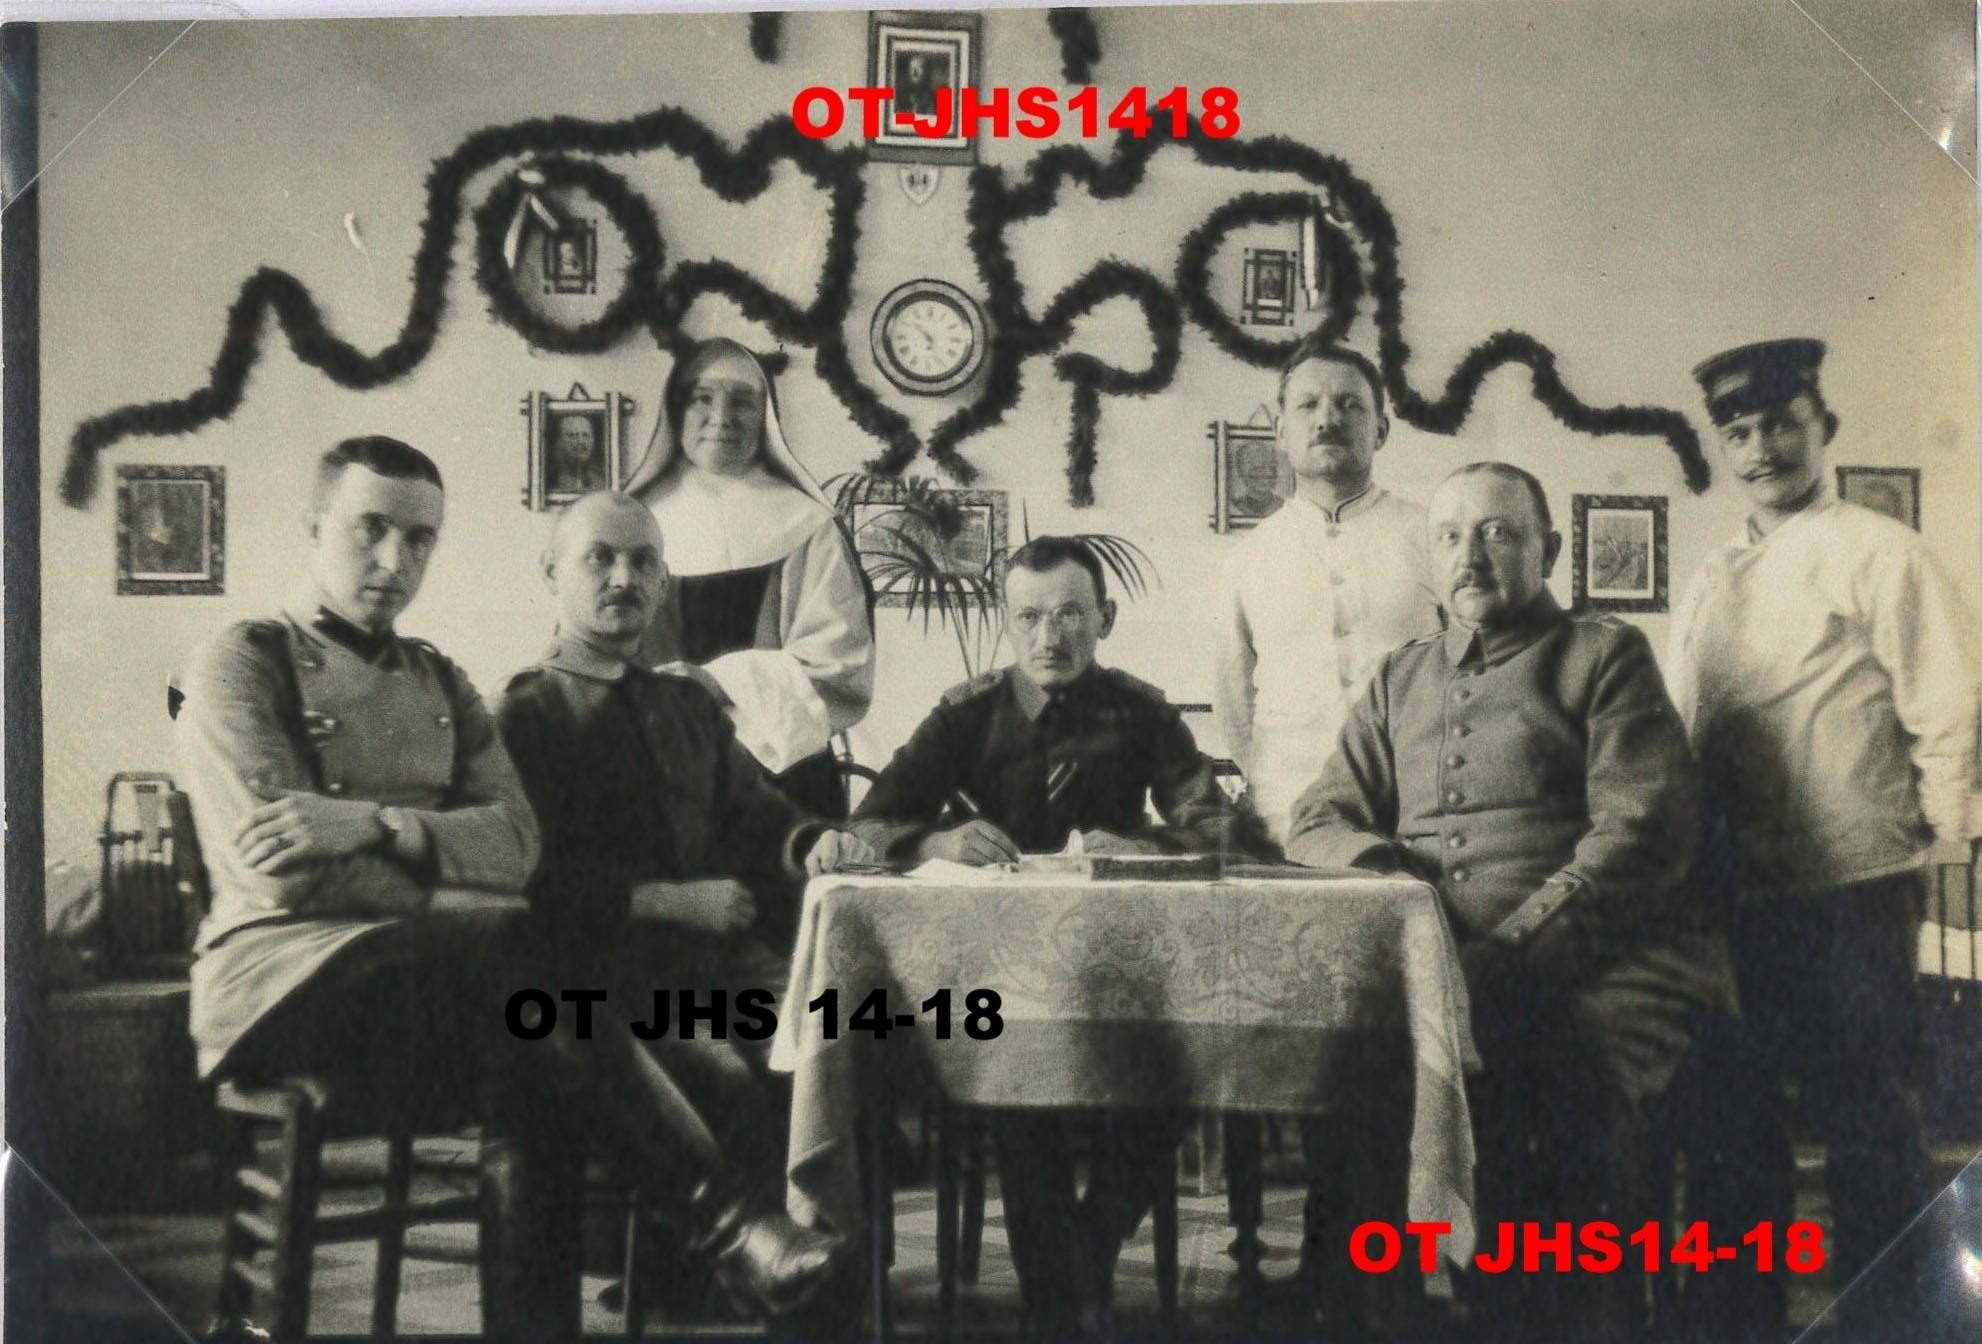 Archives OT JHS14-18 - officiers allemands à la période des fêtes, Hôpital Notre-Dame de Seclin (Reproduction et copie interdites)